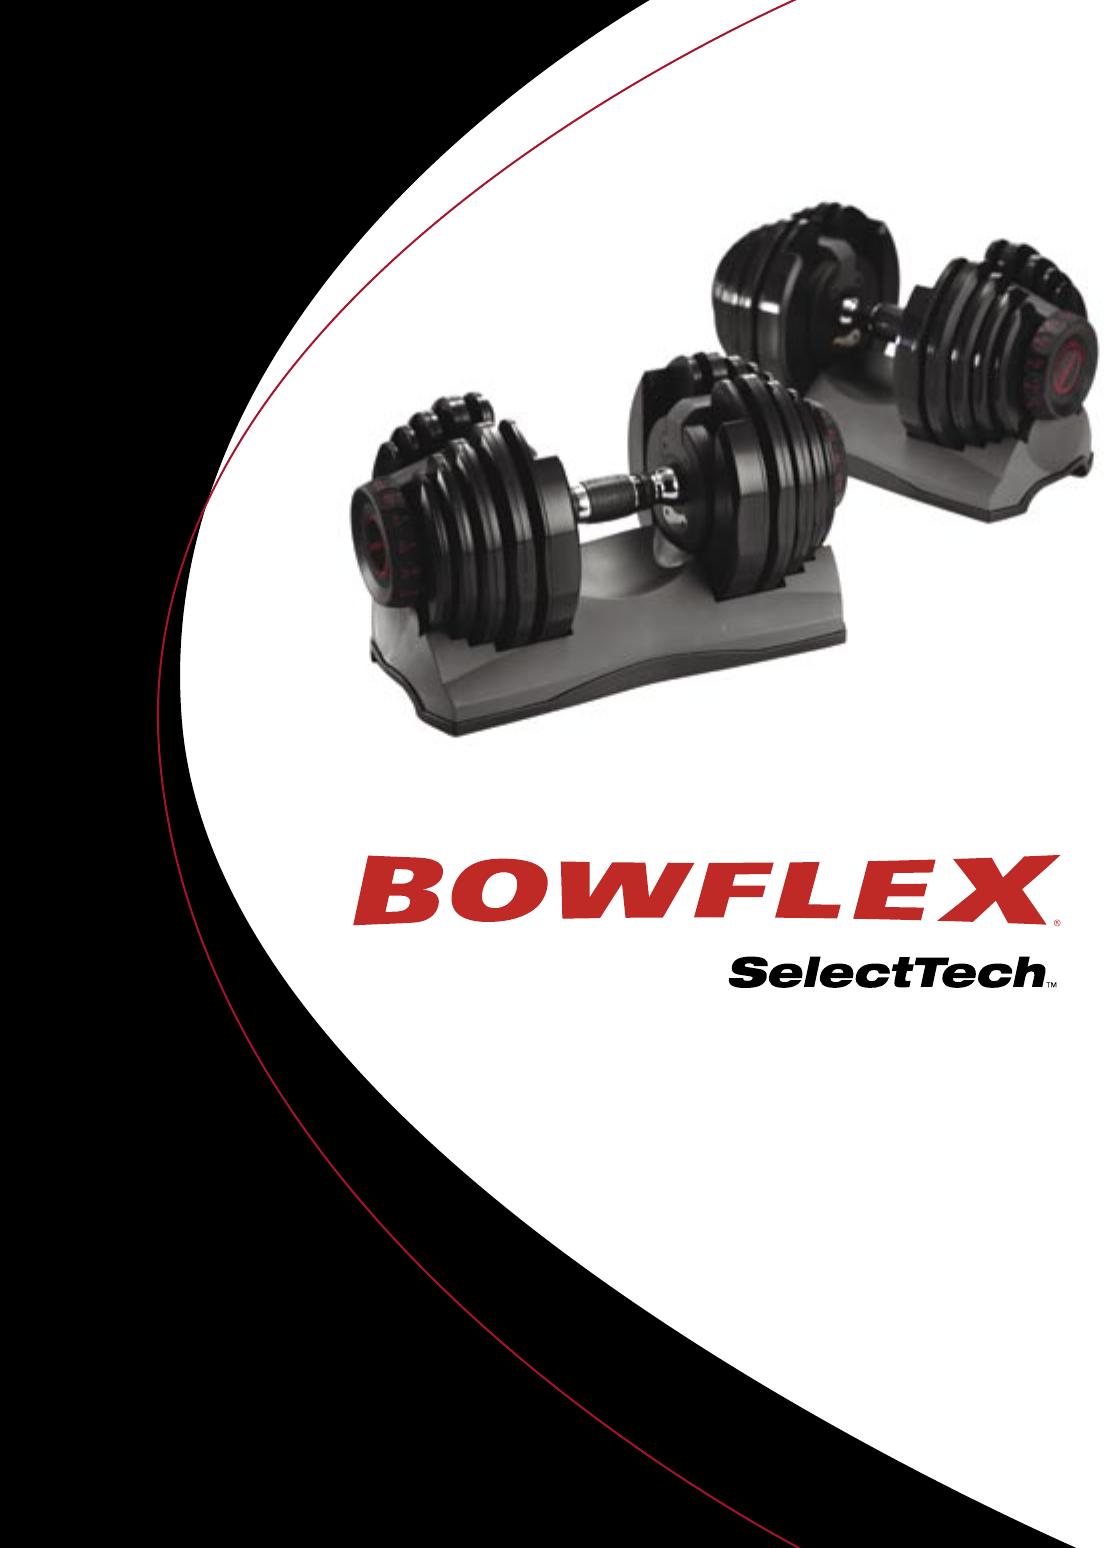 bowflex fitness equipment dumbbell user guide manualsonline com rh fitness manualsonline com